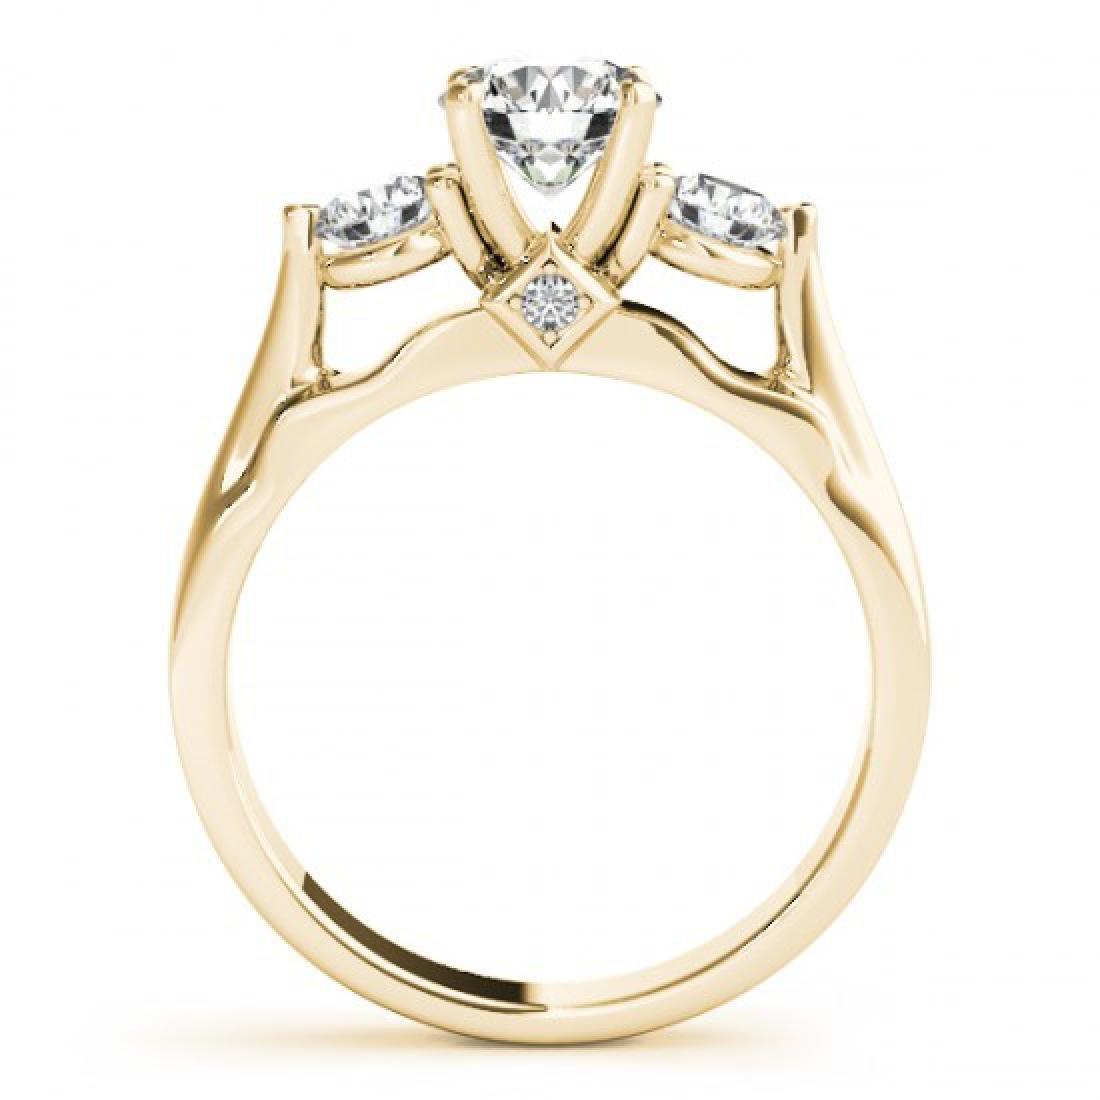 1.75 CTW Certified VS/SI Diamond 3 Stone Ring 14K - 2